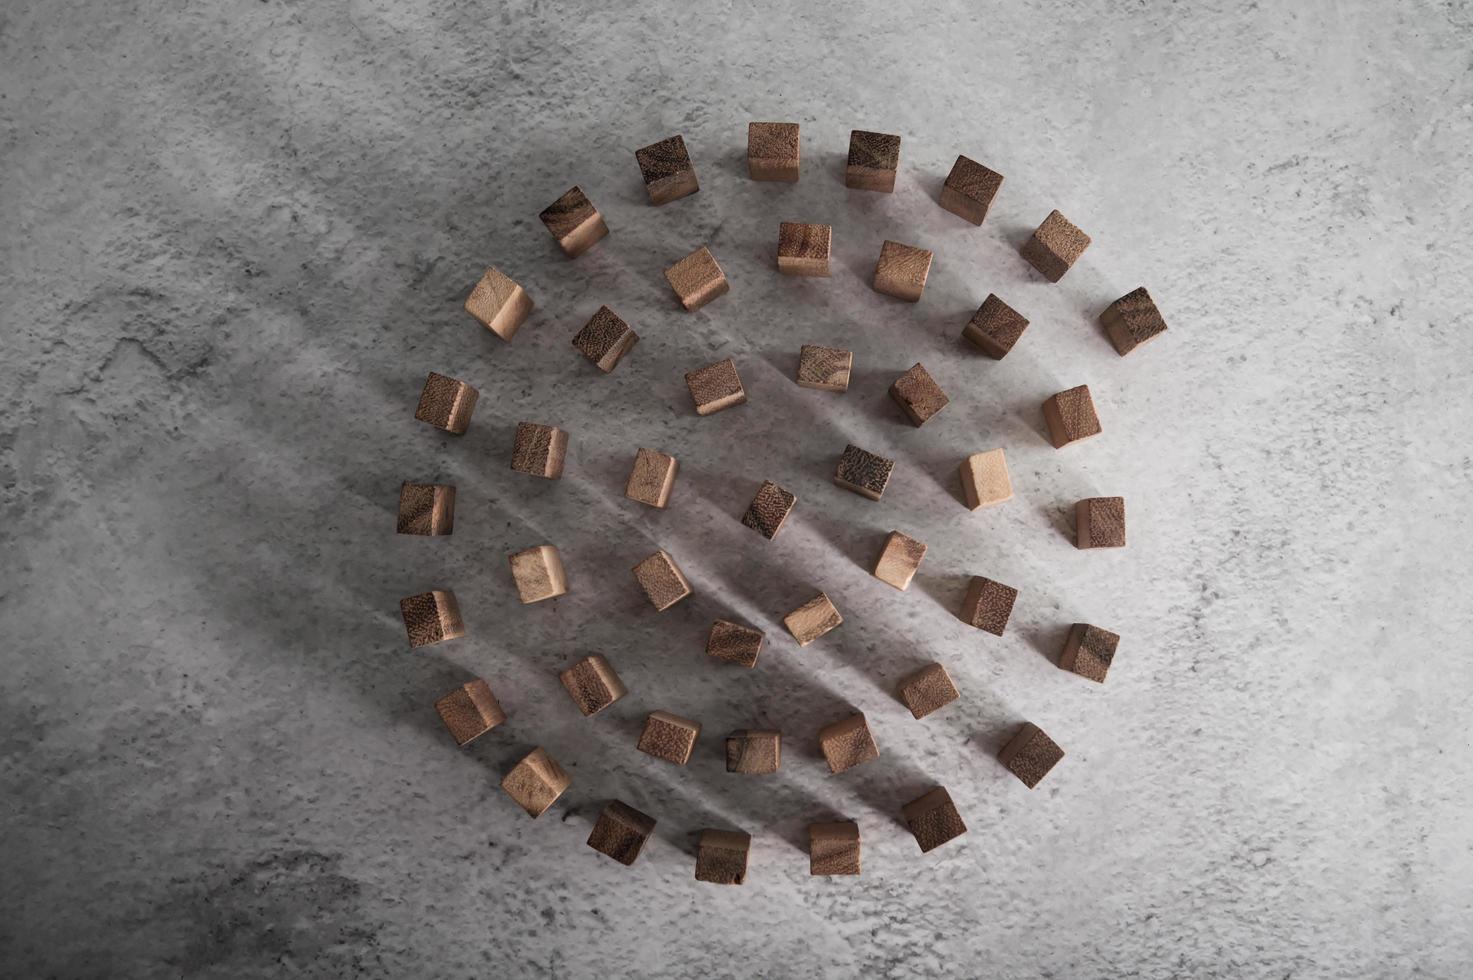 blocos de madeira, usados para jogos de dominó foto